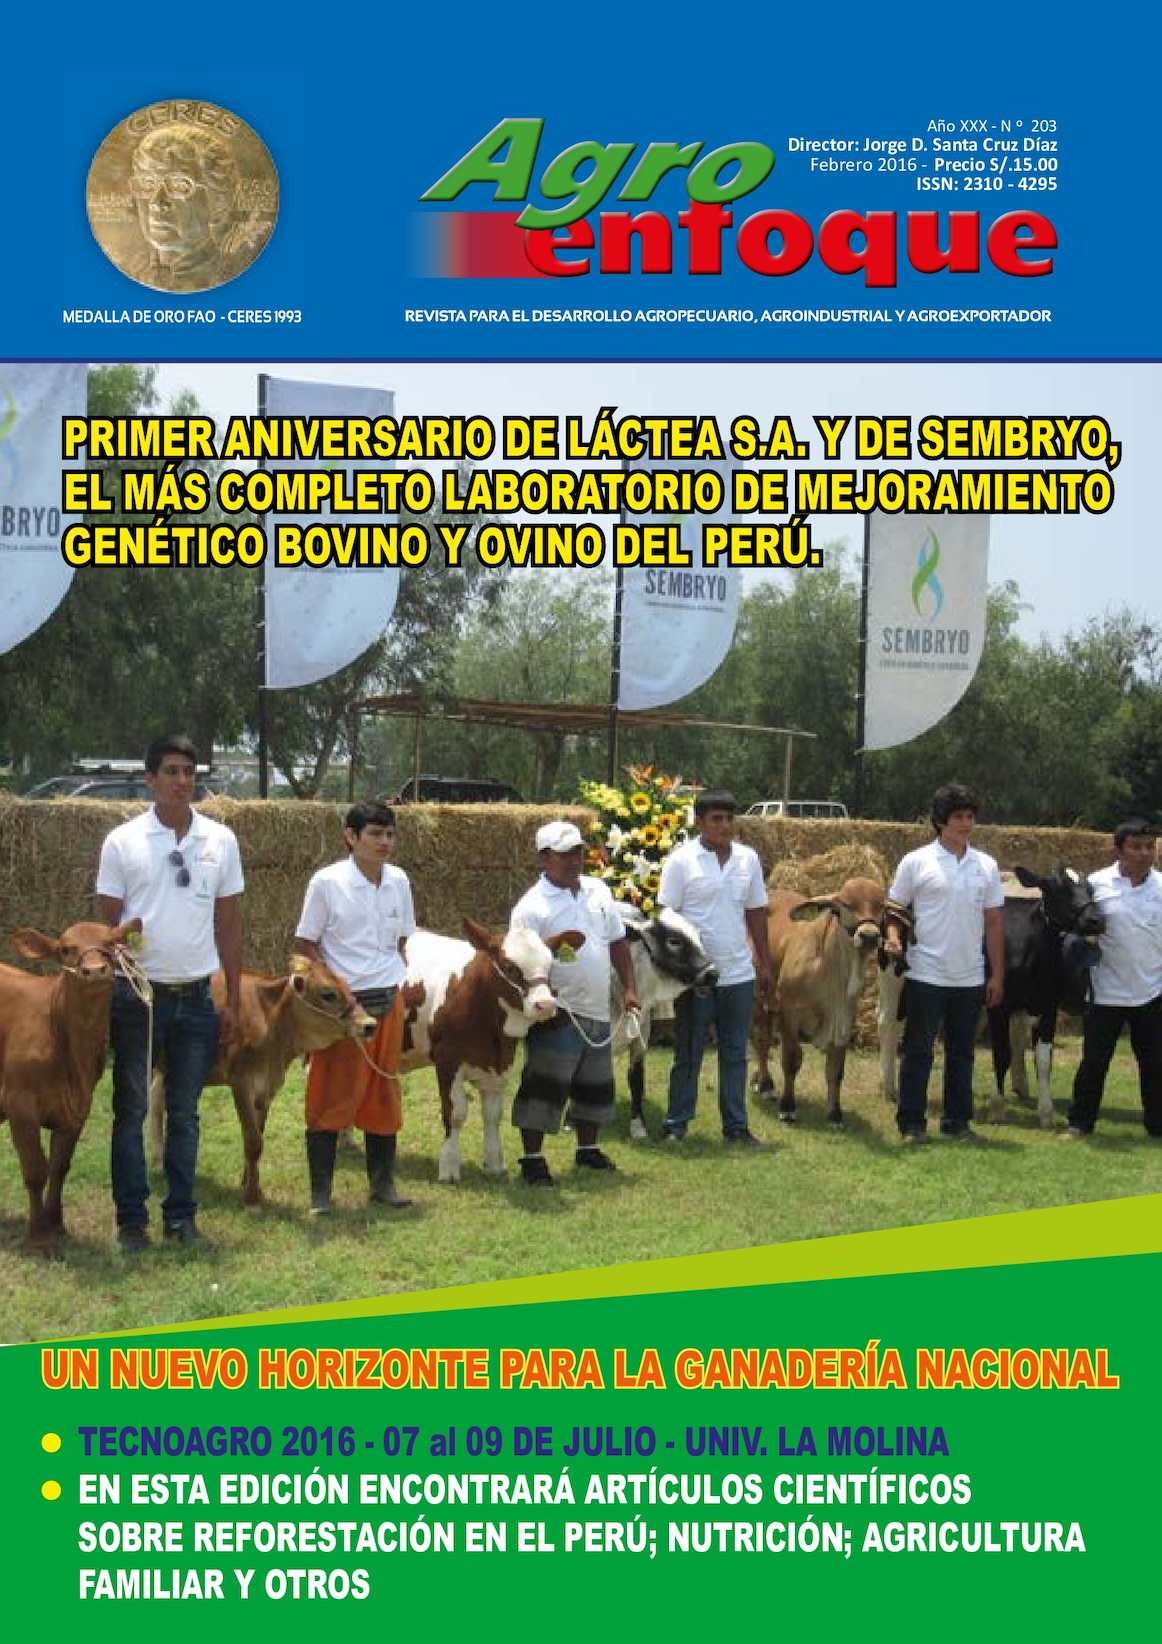 Calaméo - Agro Enfoque Edición 203 7dea36a45fa